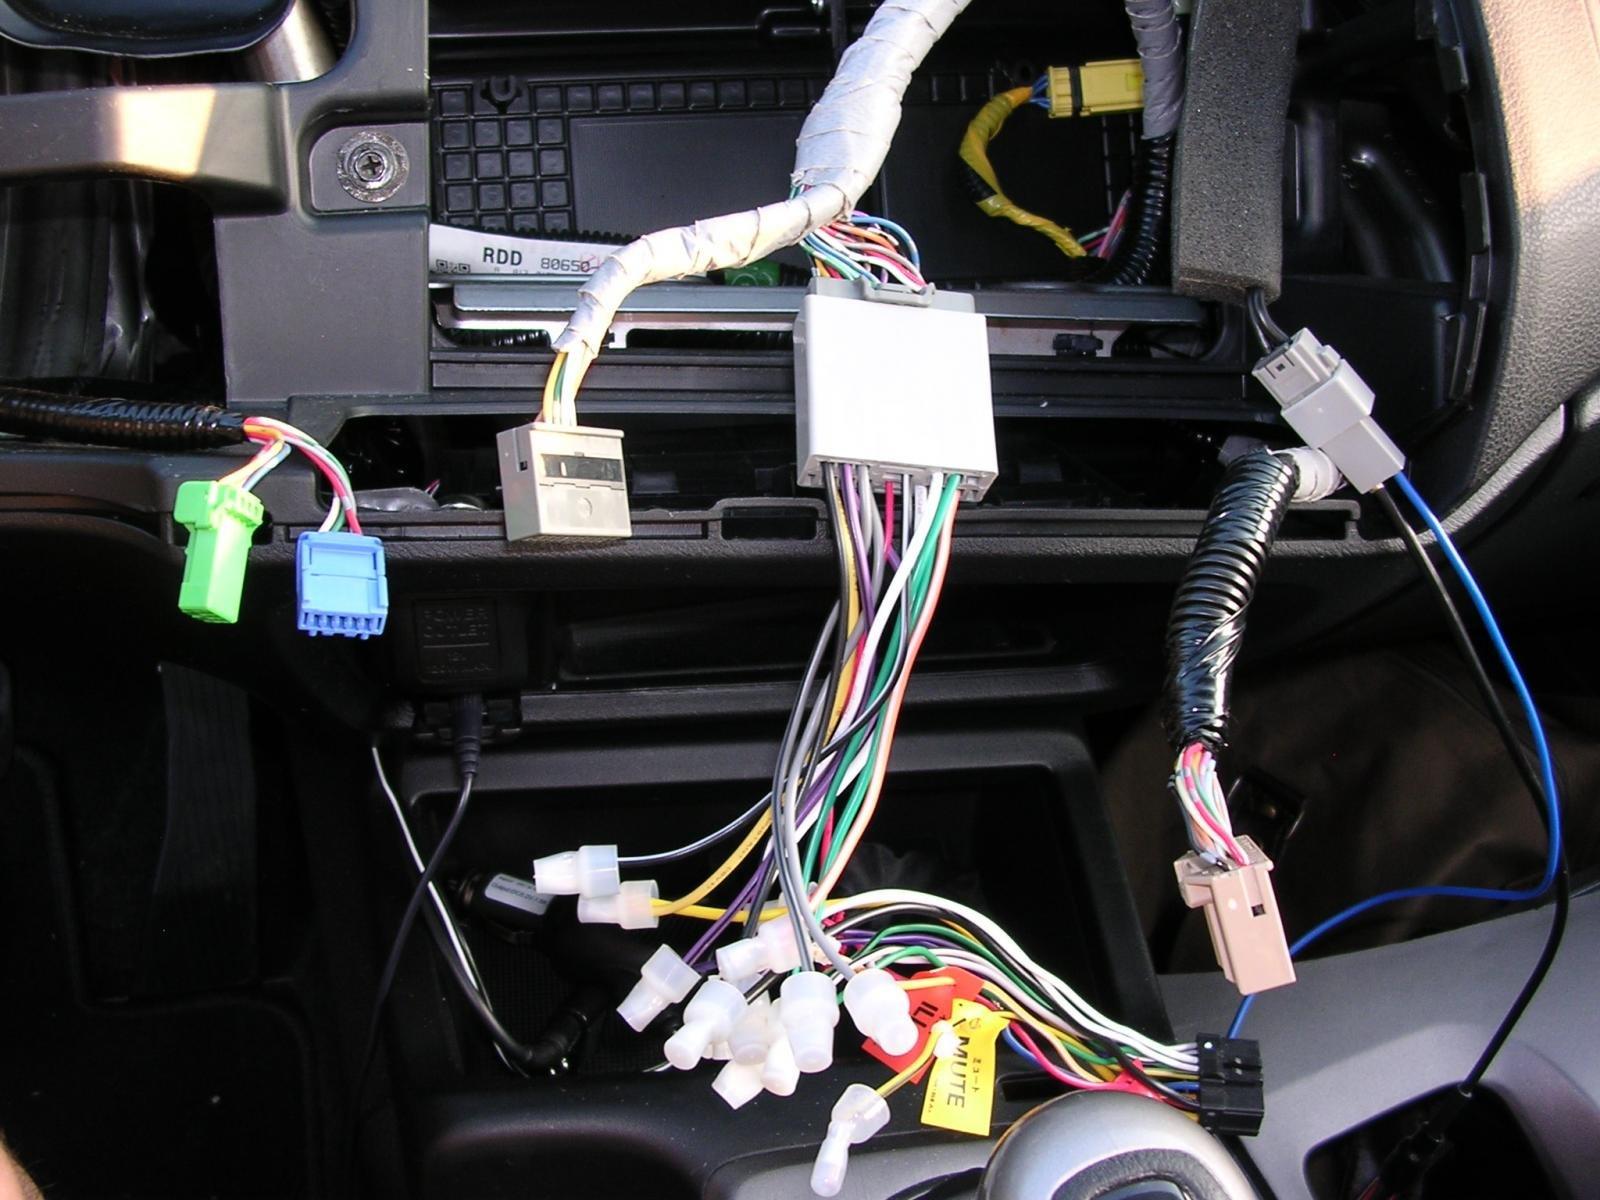 13246d1213101576 diy aftermarket radio install ex dscn1597 diy aftermarket radio install in an ex page 10 8th generation,2000 Honda Civic Radio Wiring Harness